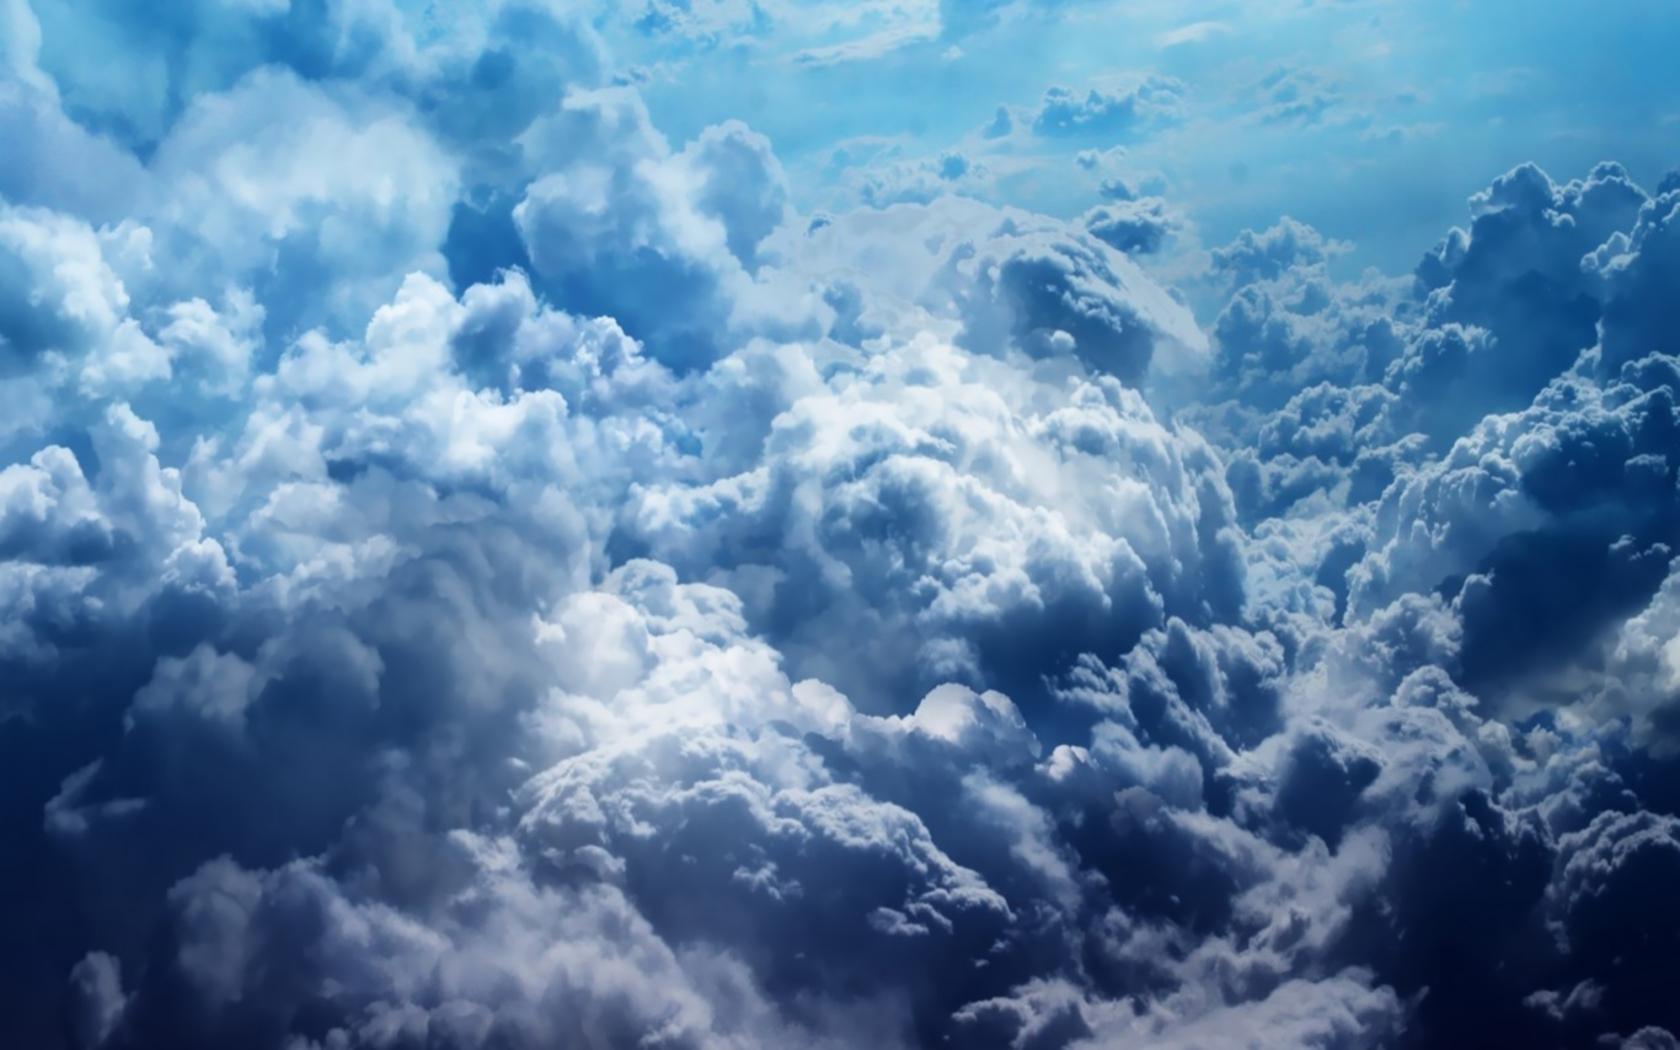 Cloud Computer Wallpapers Desktop Backgrounds 1680x1050 ID109894 1680x1050